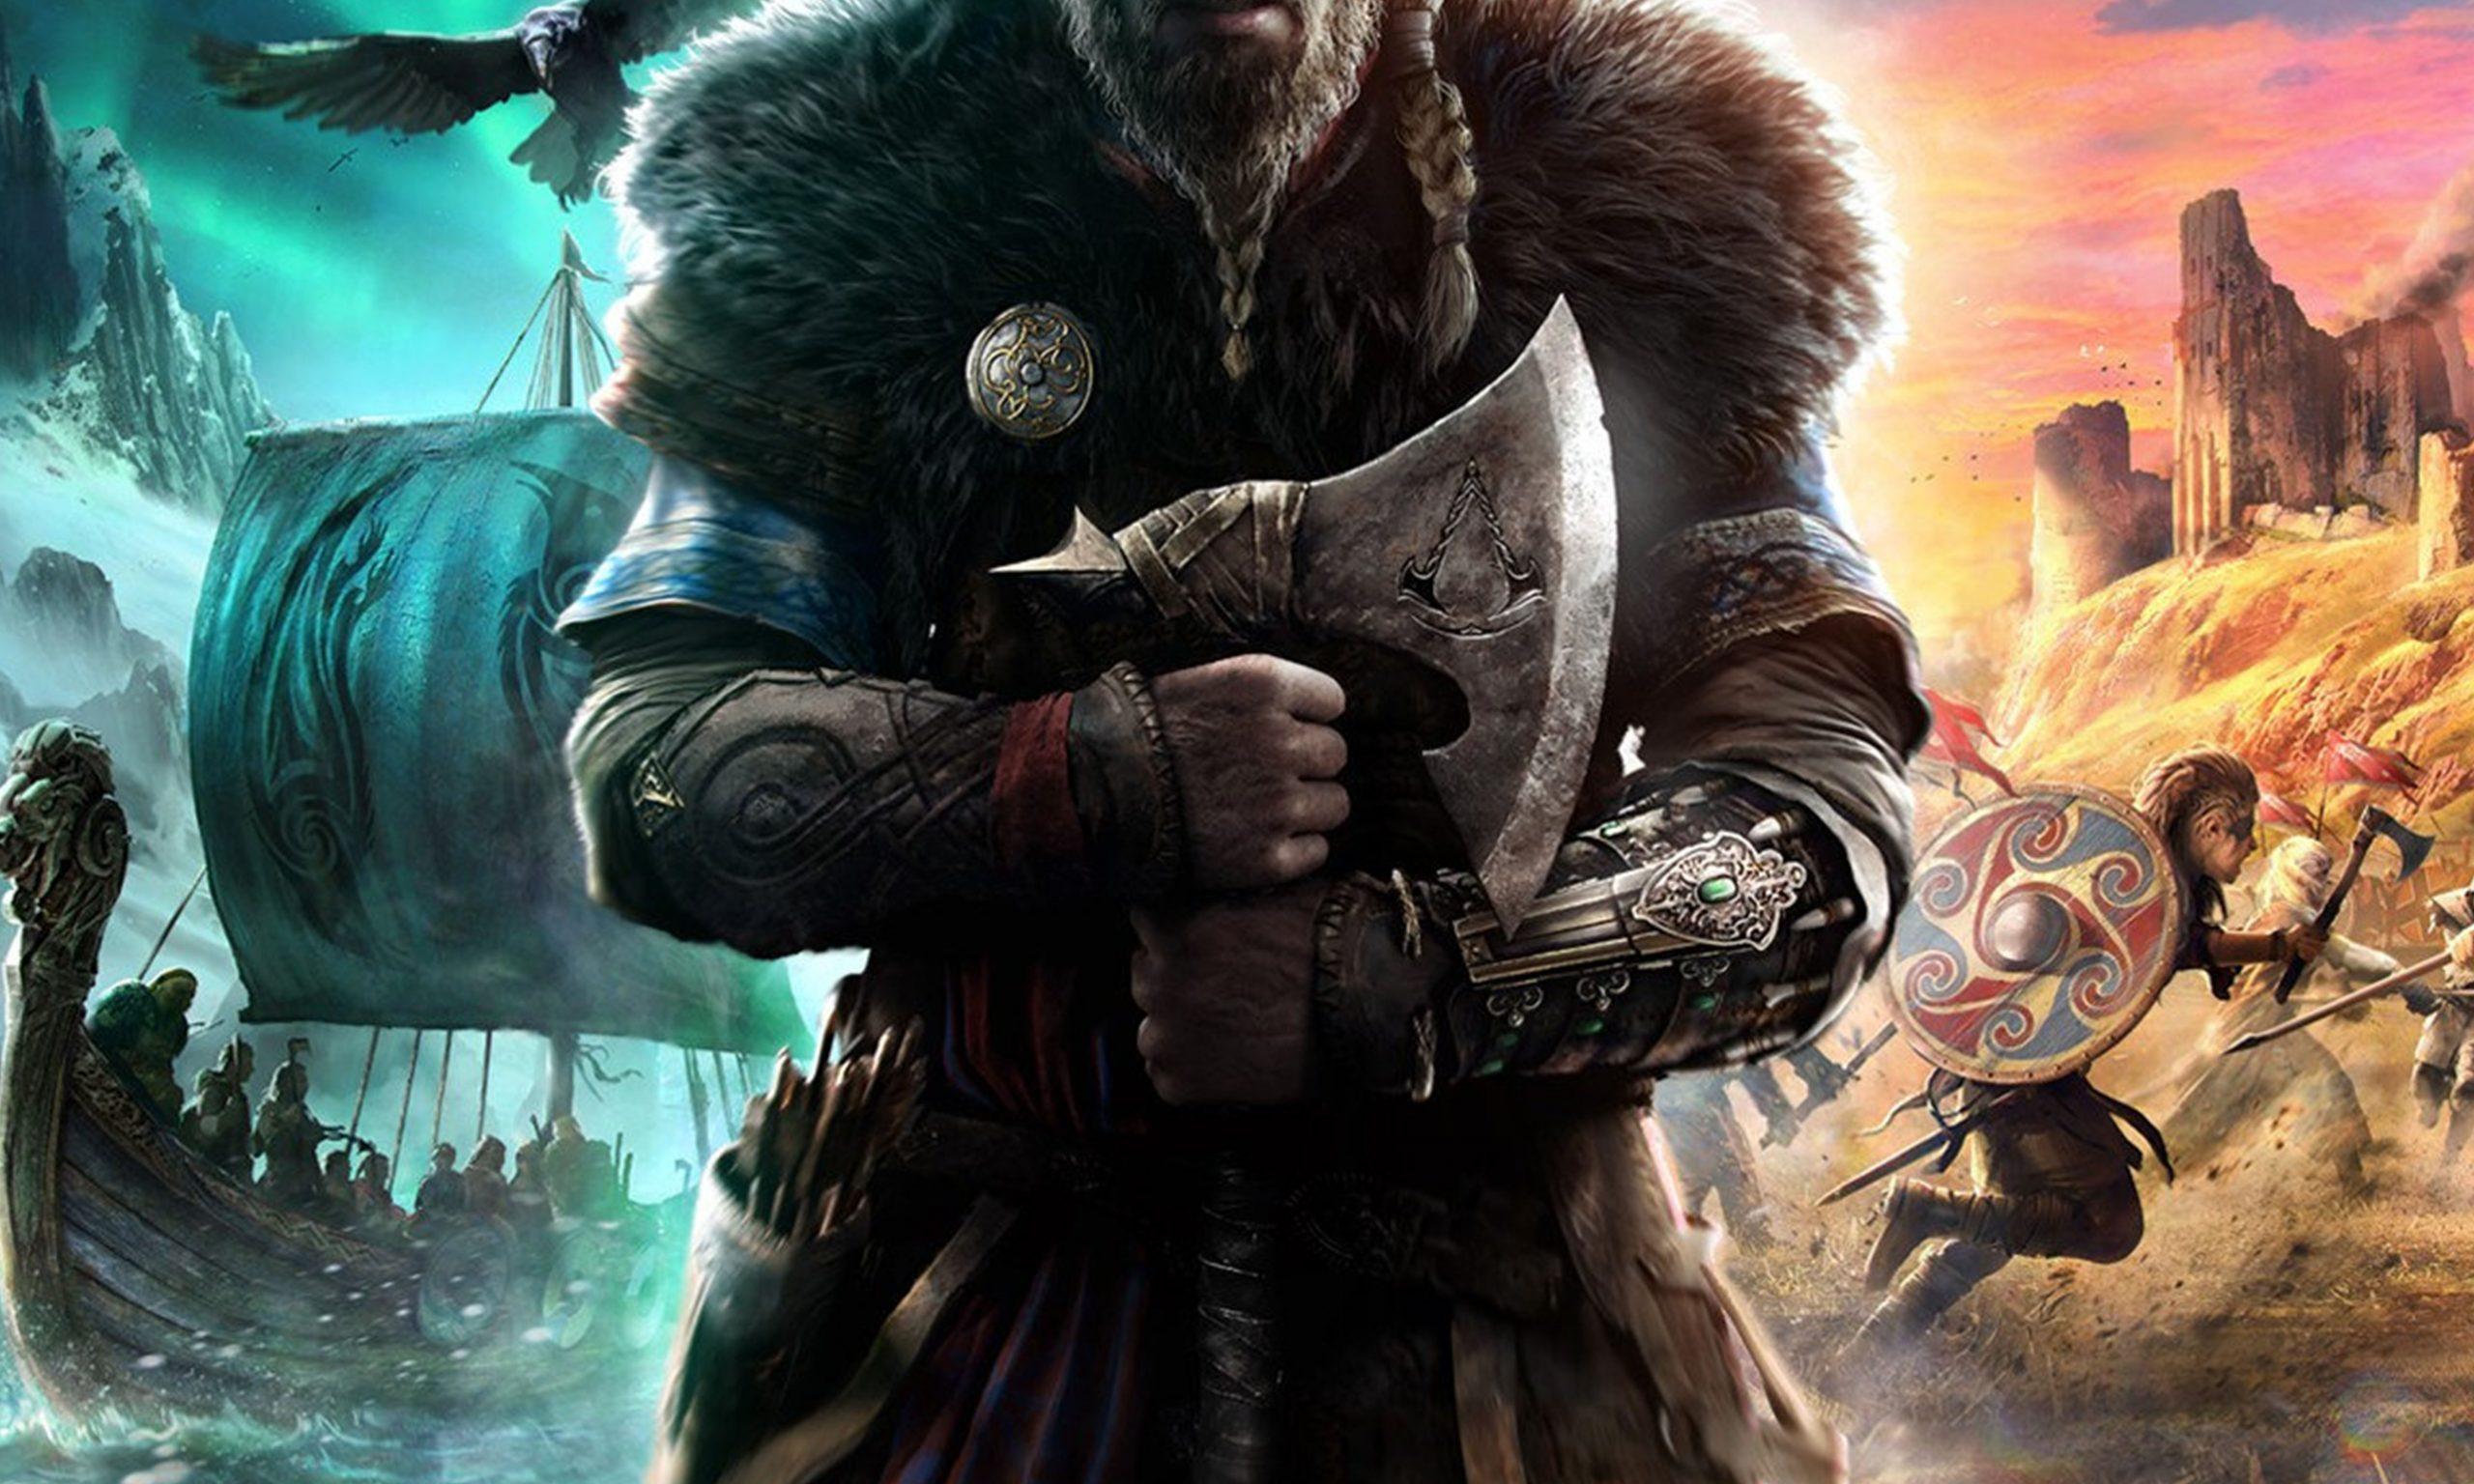 育碧公布刺客系列新作《刺客信条:英灵殿》